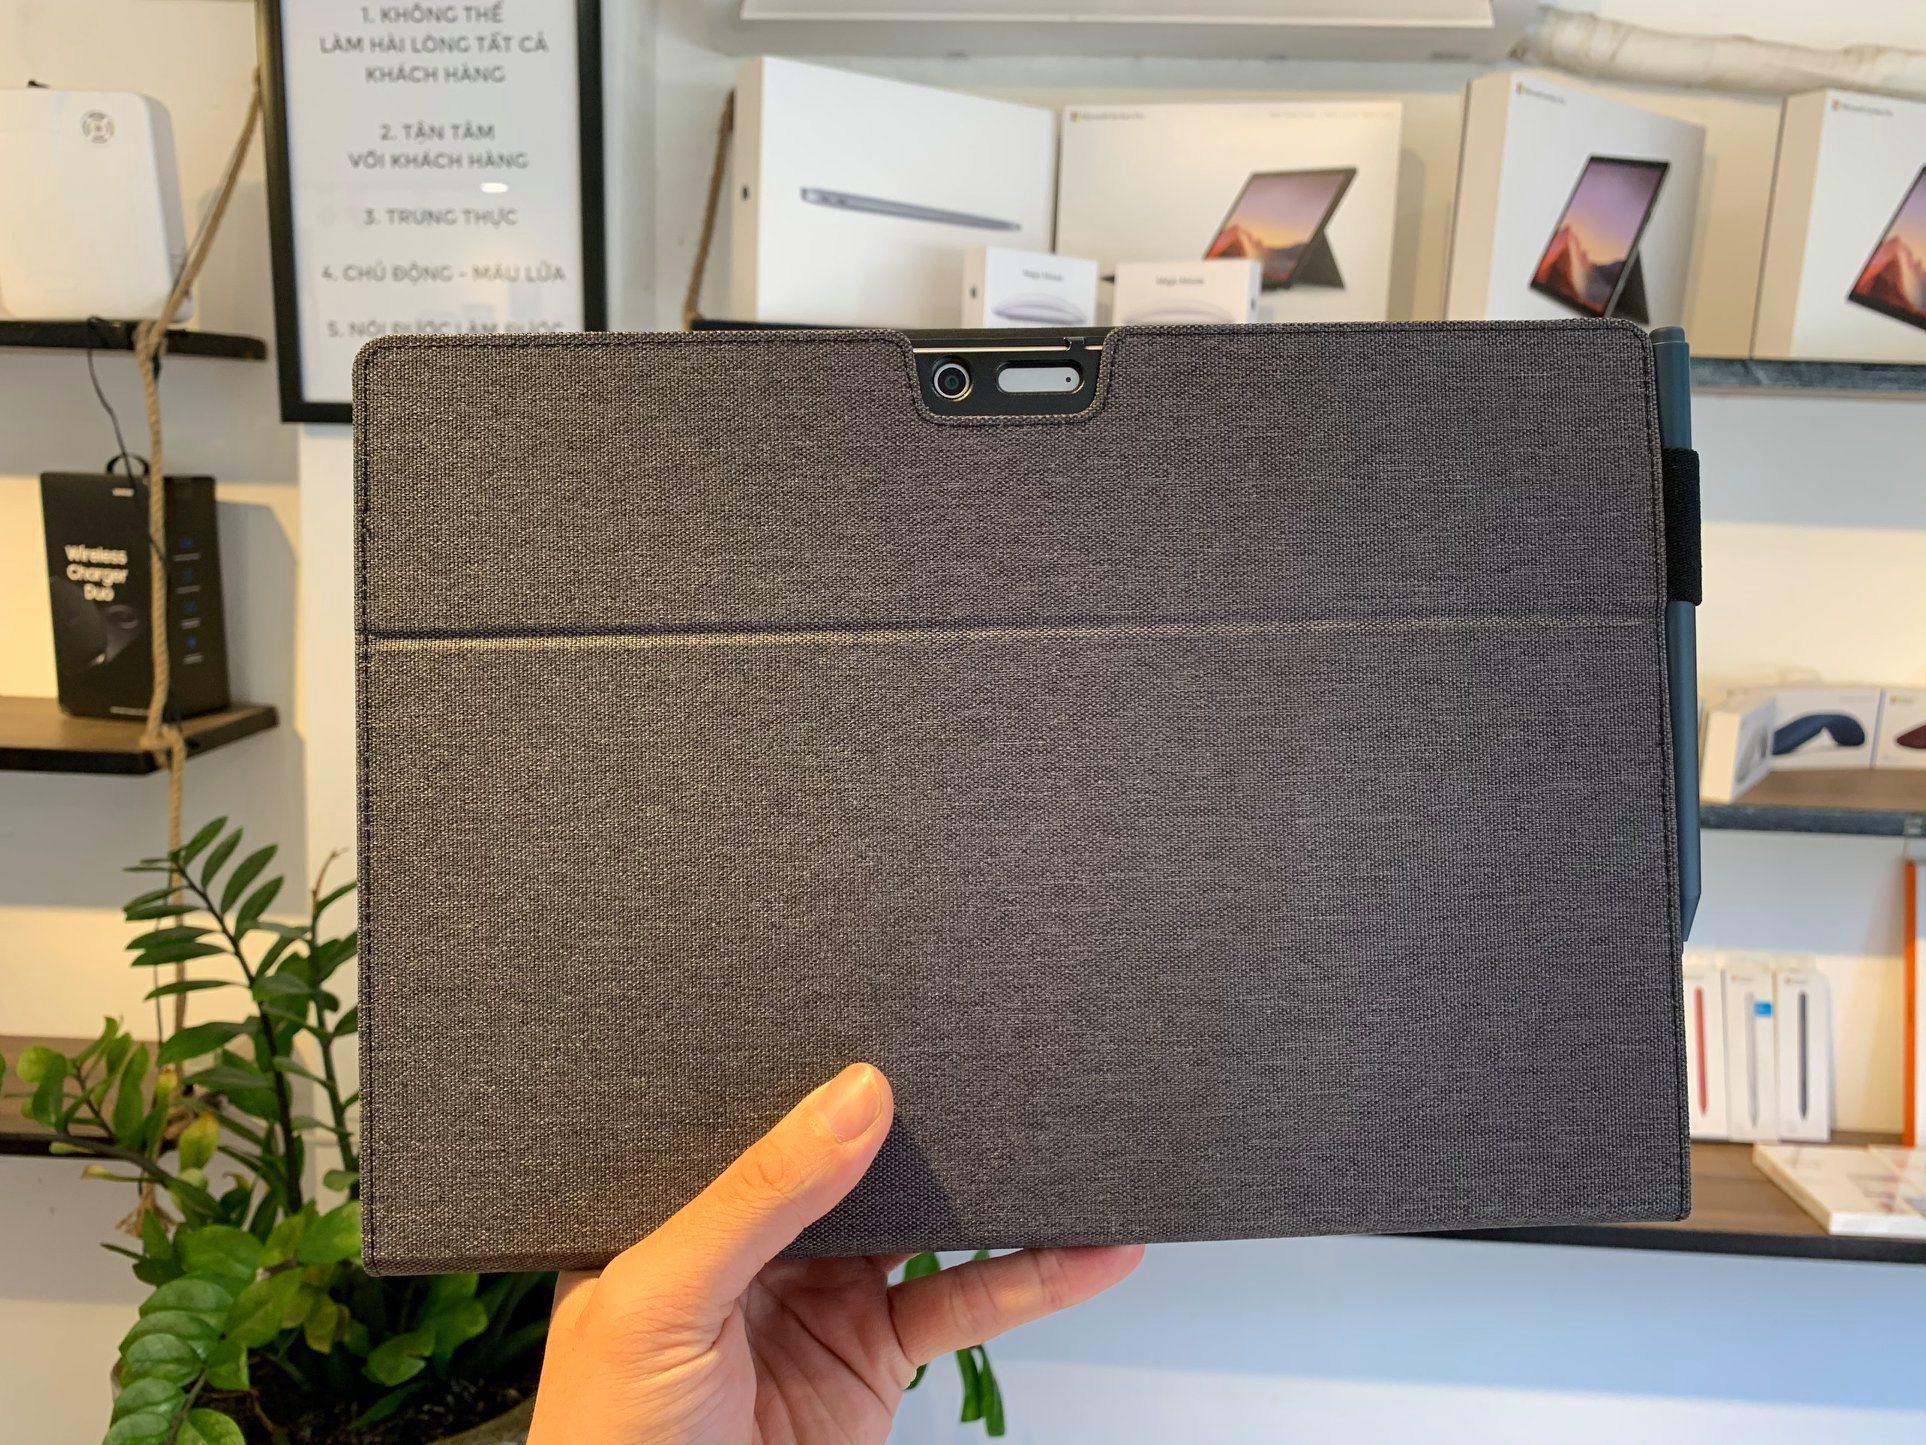 Ốp lưng Spigen Surface Pro Stand Folio - Hàng chính hãng 23